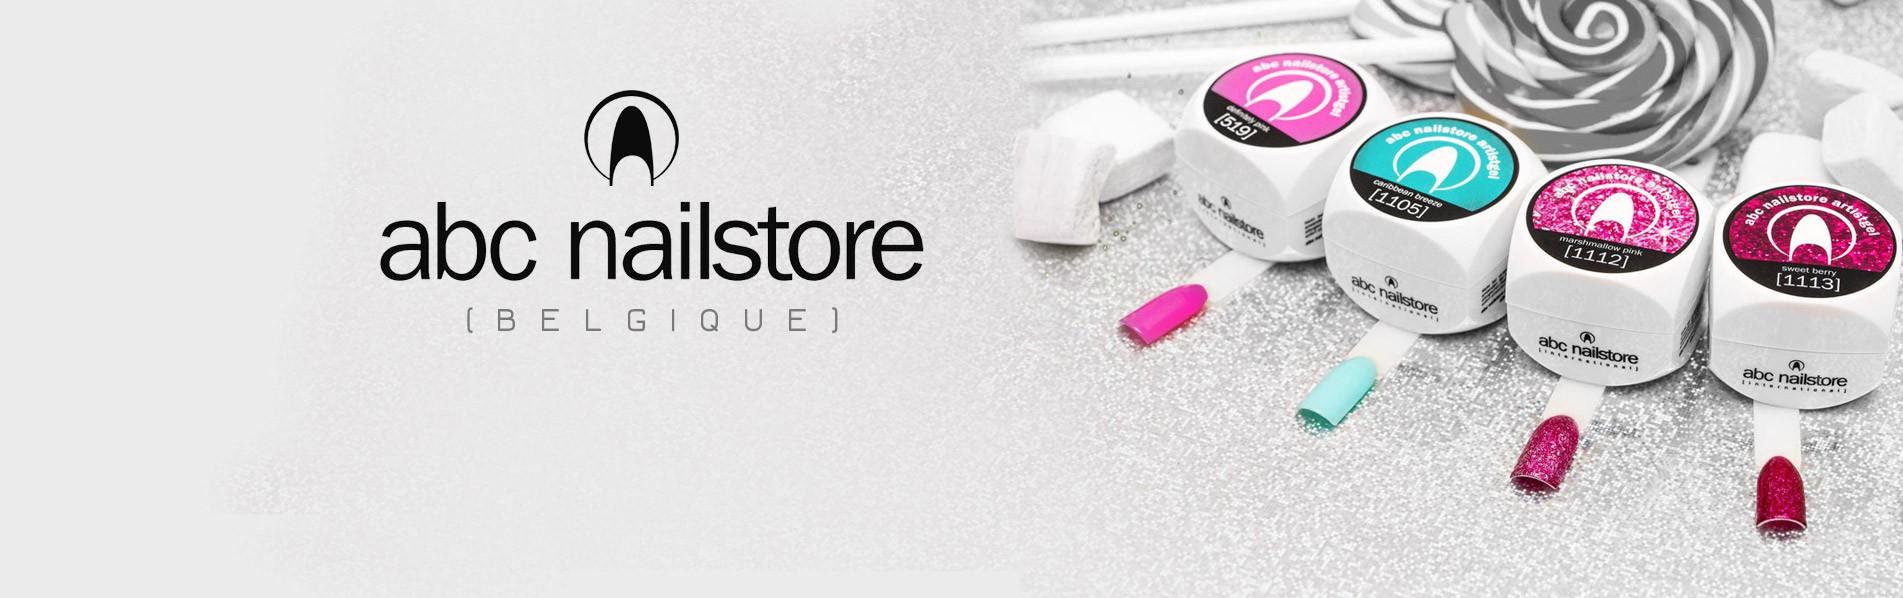 Abc-Nailstore Belgique